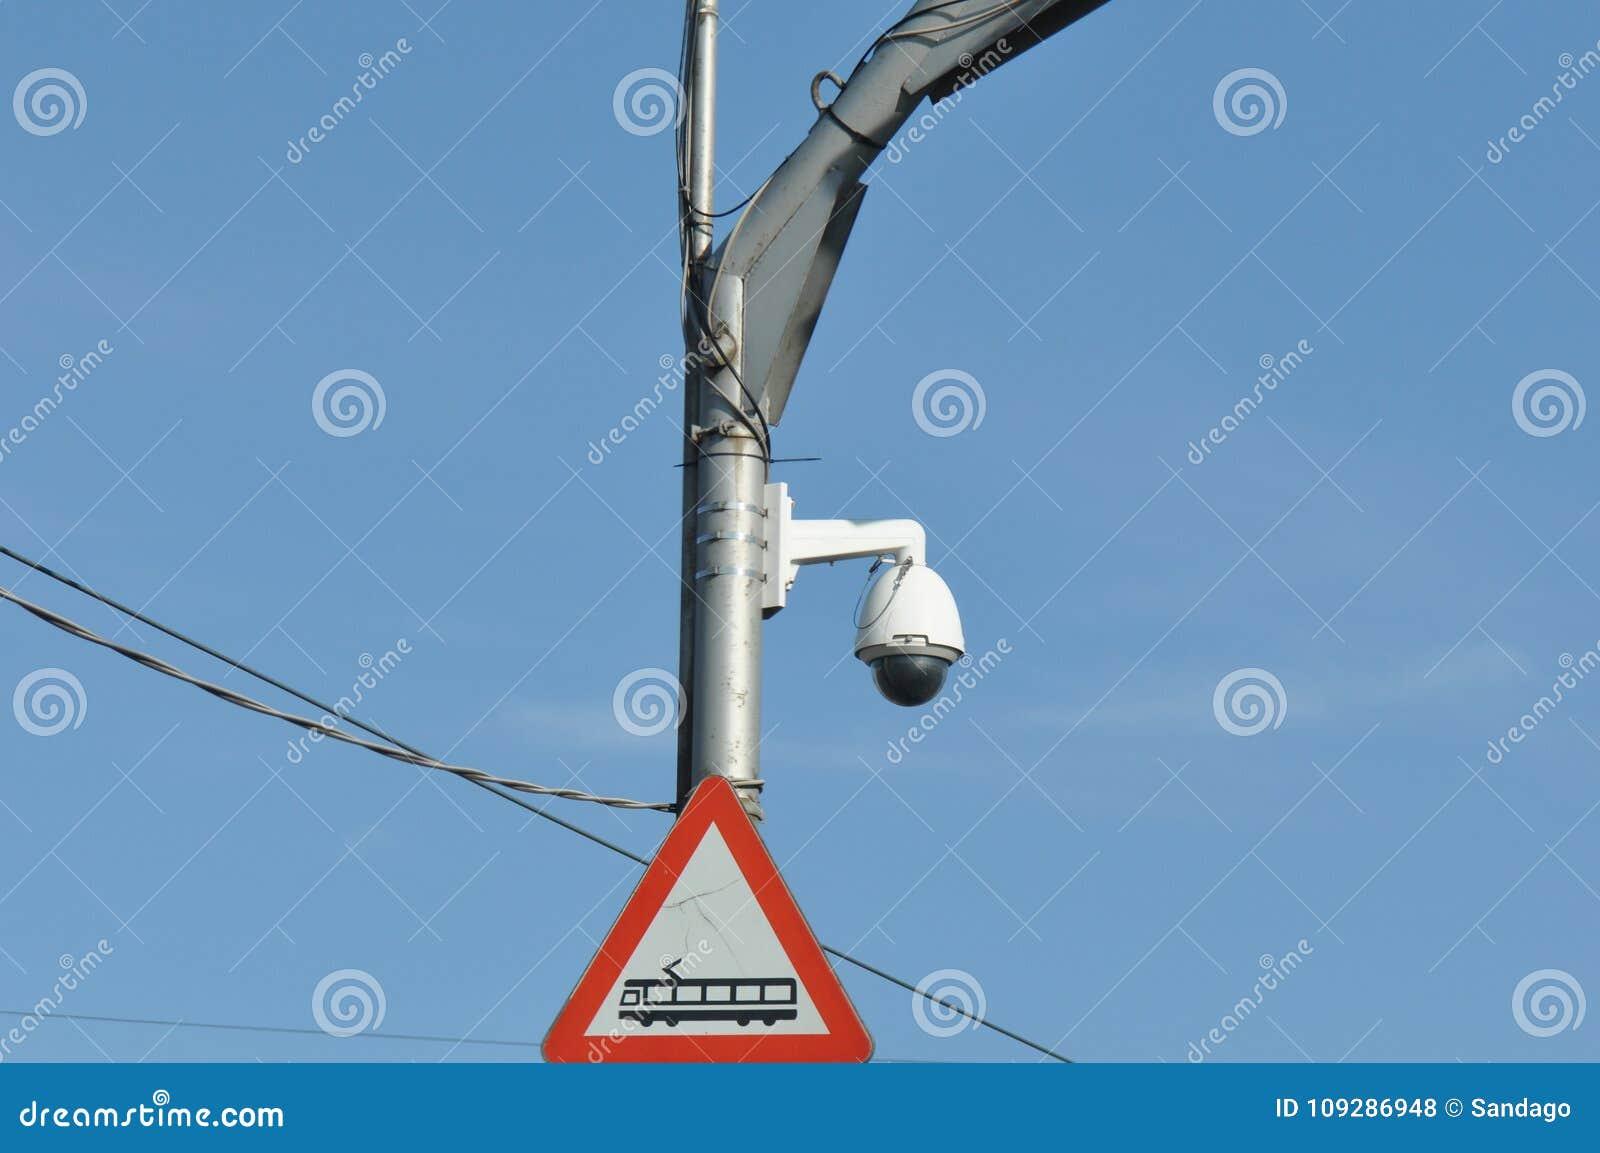 Camera surveillance from traffic